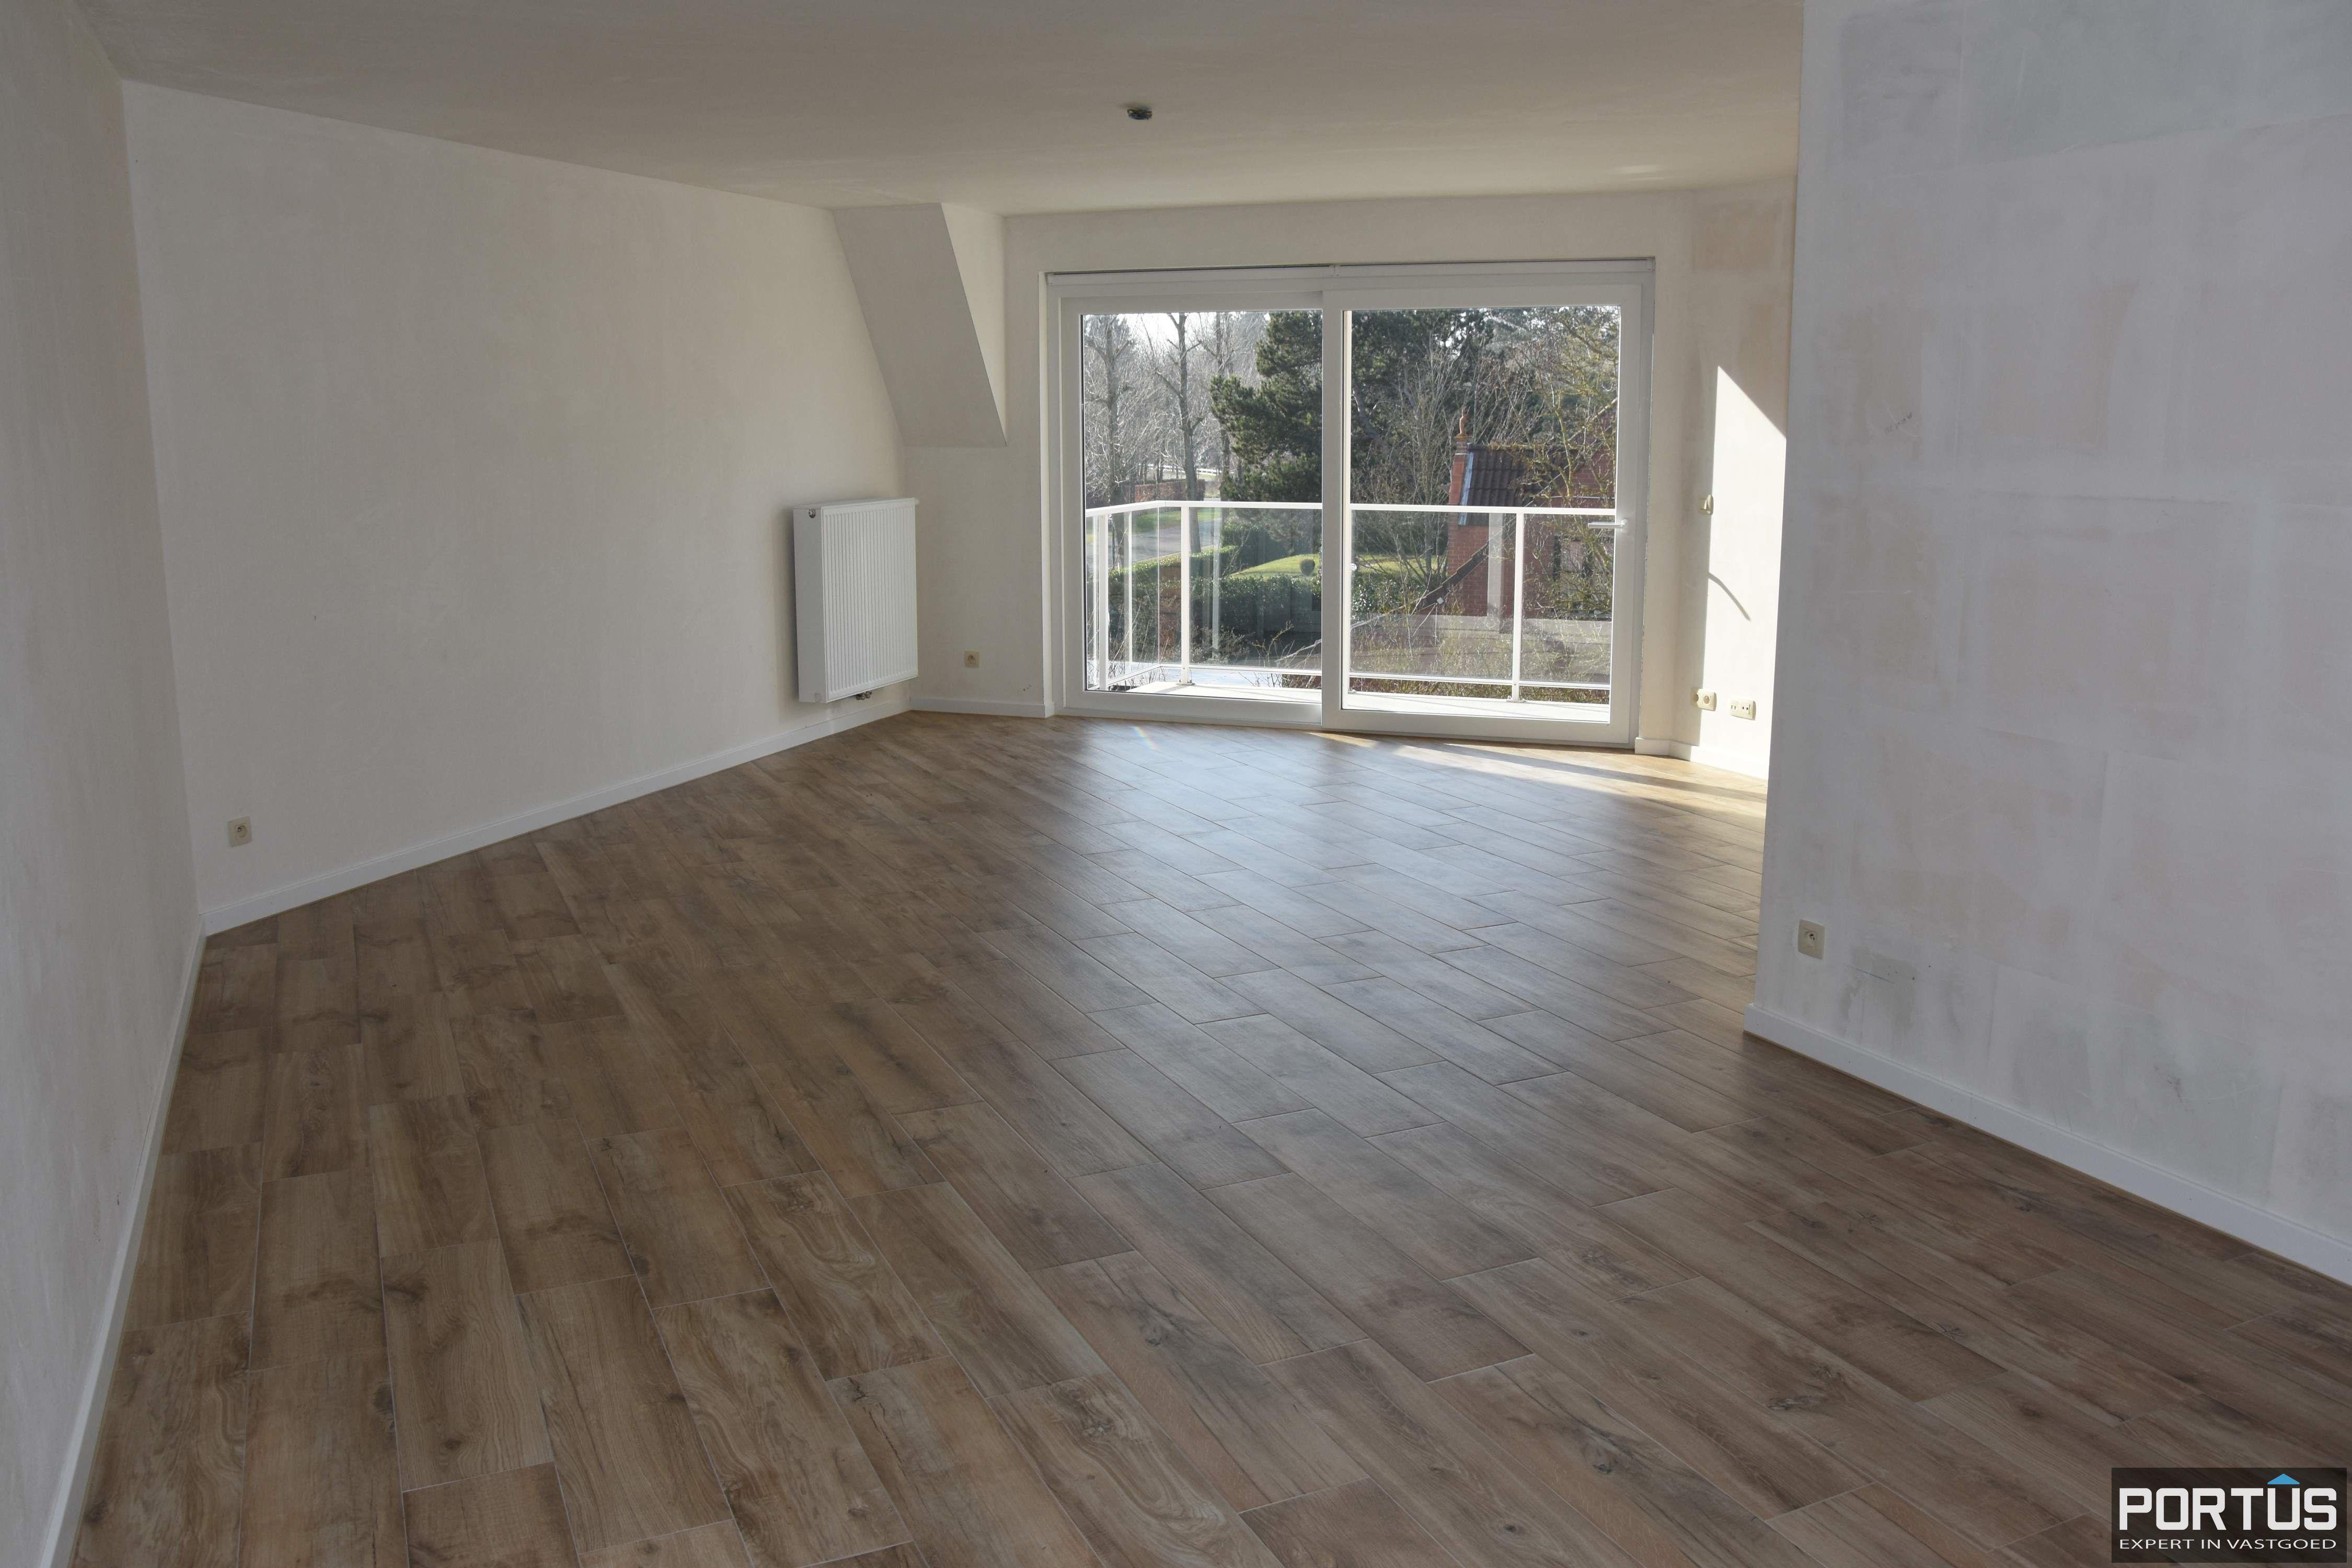 Appartement te koop met 3 slaapkamers, 2 badkamers en groot terras  - 9324